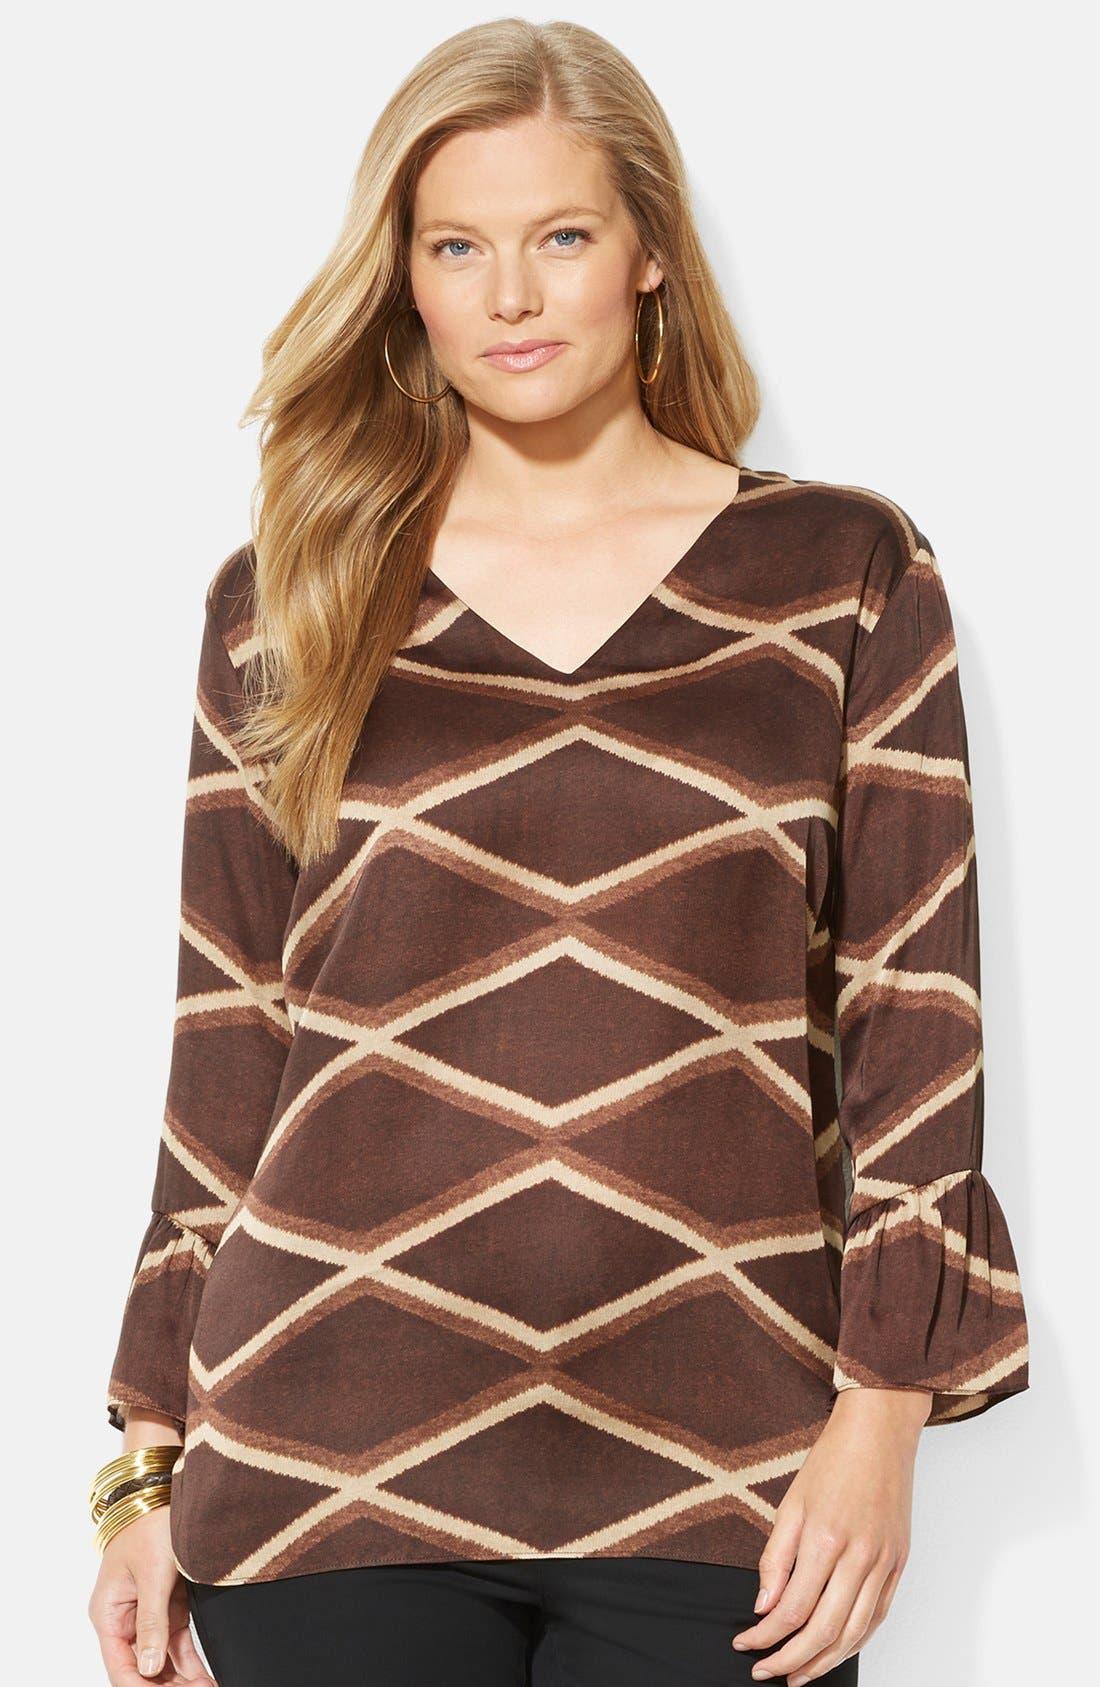 Alternate Image 1 Selected - Lauren Ralph Lauren Geo Print V-Neck Top (Plus Size)